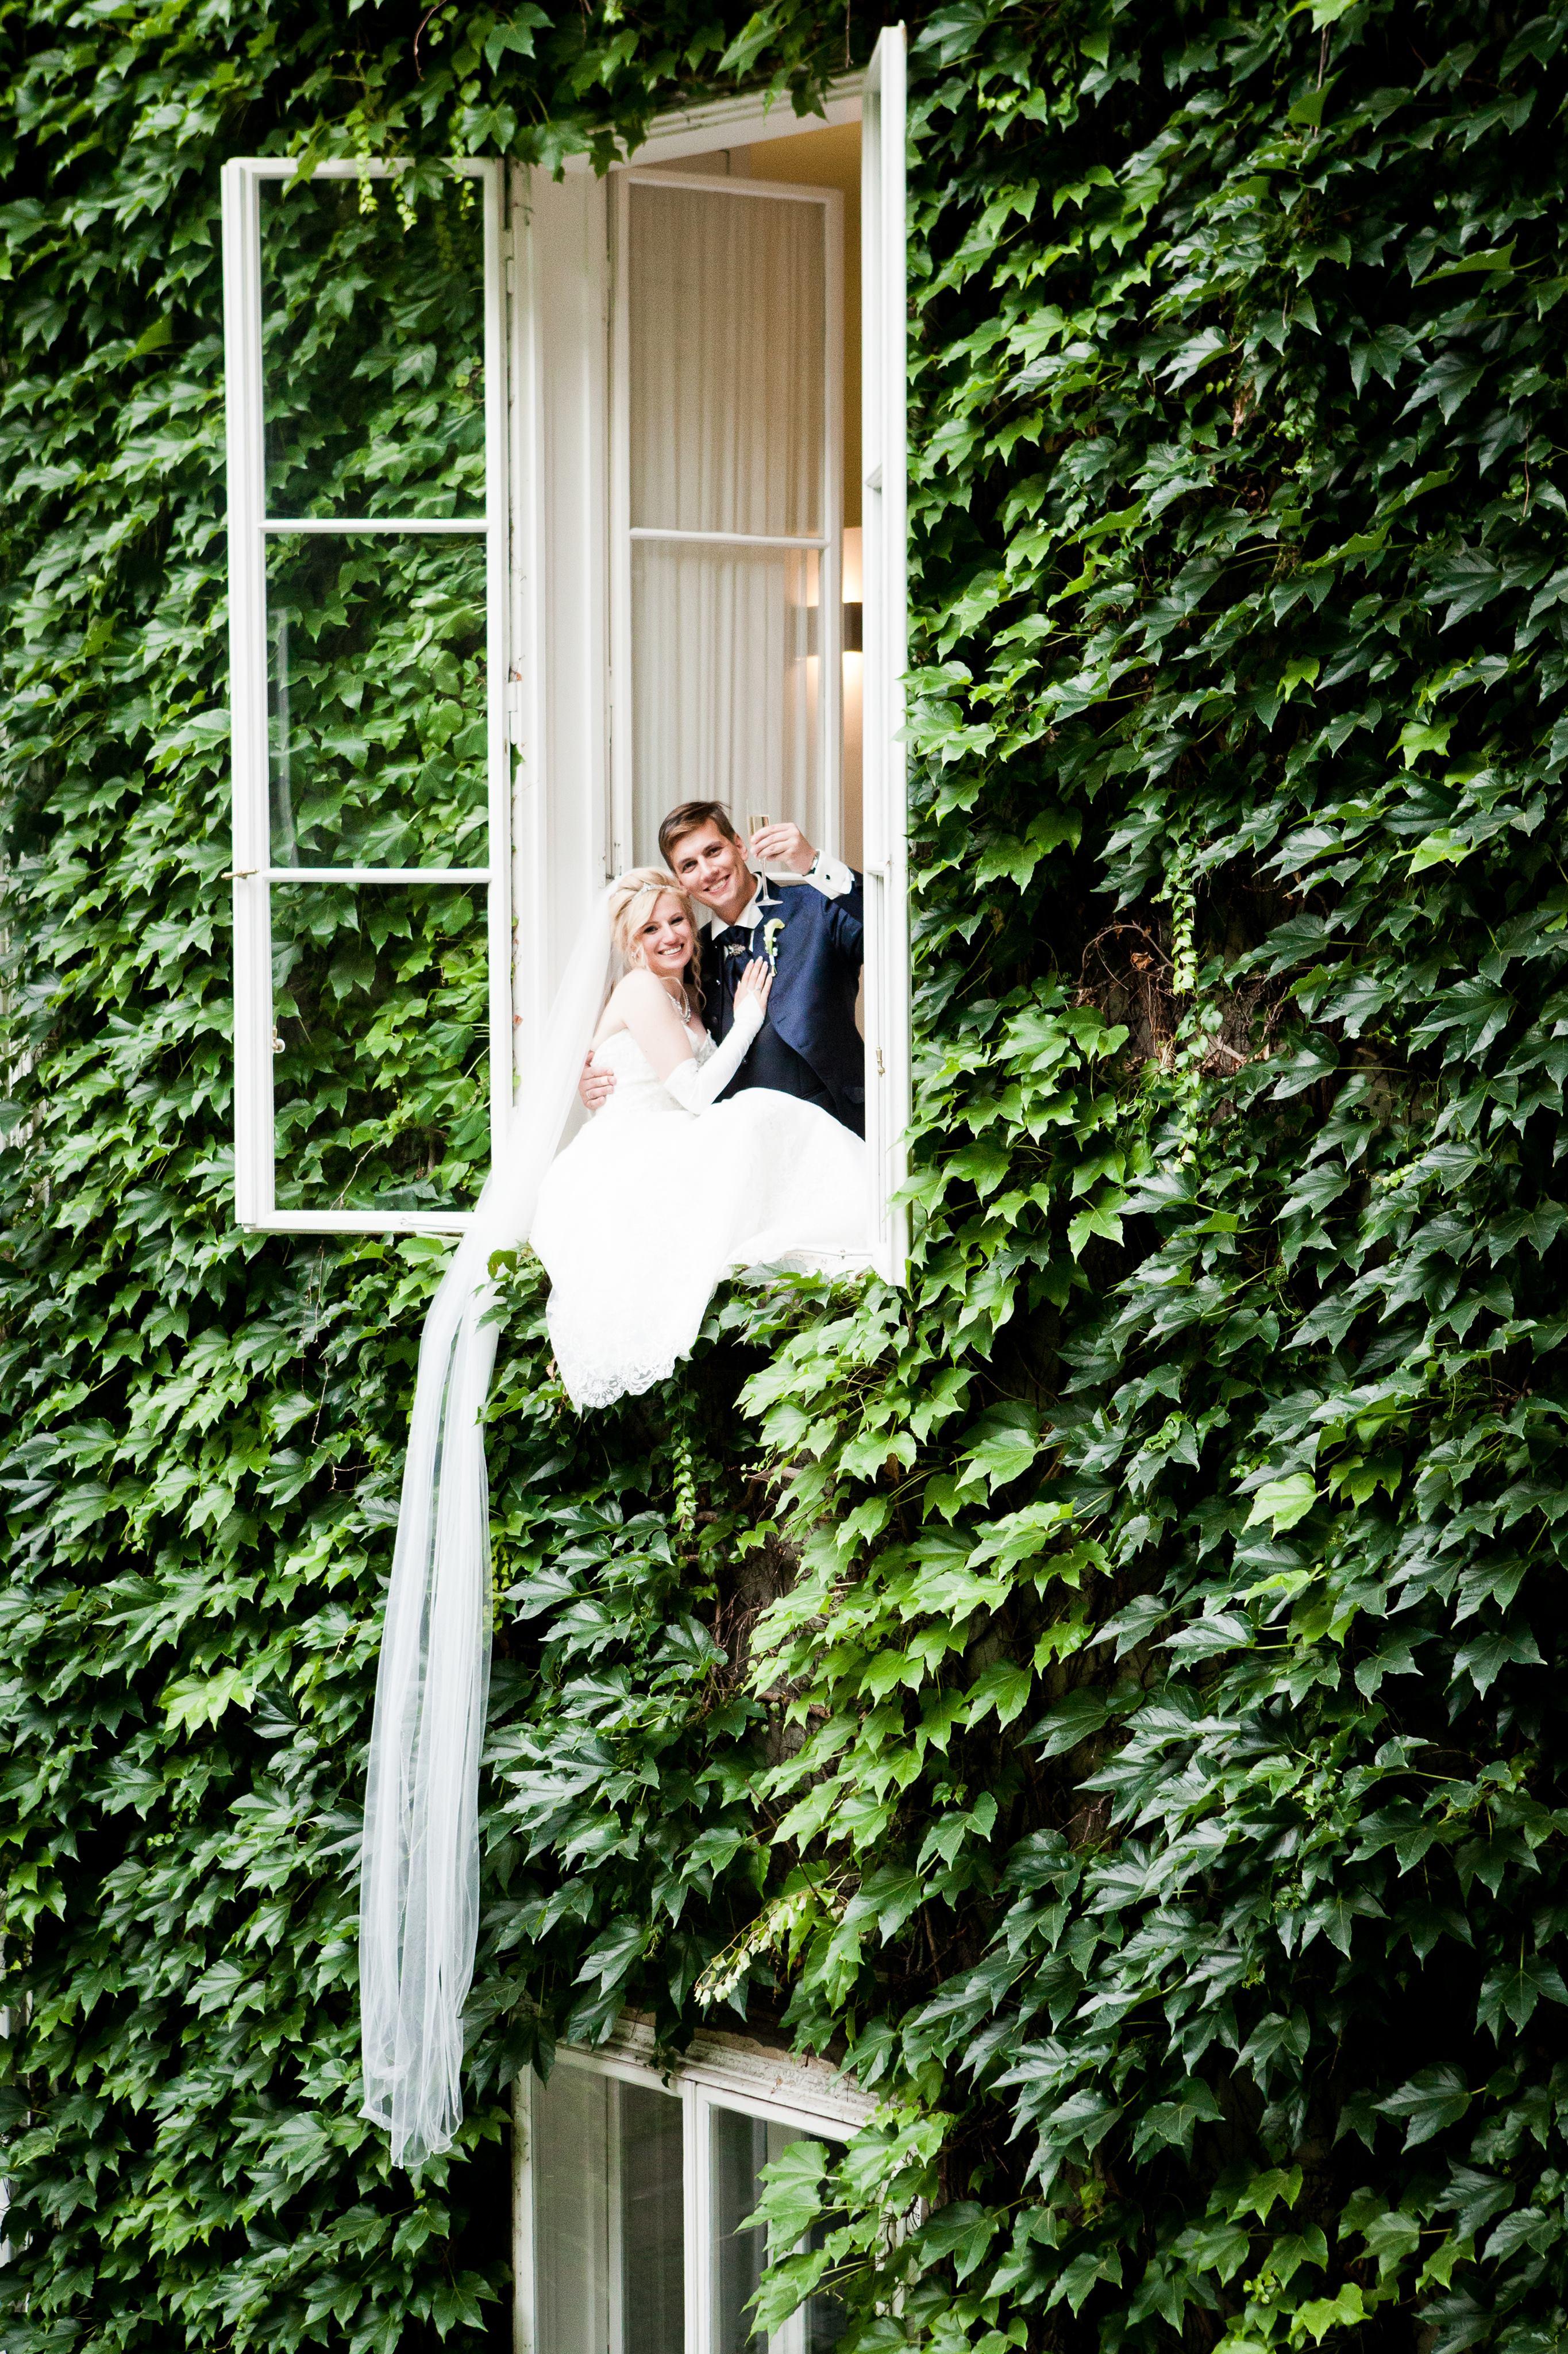 Alina Markus Hochzeitsfoto